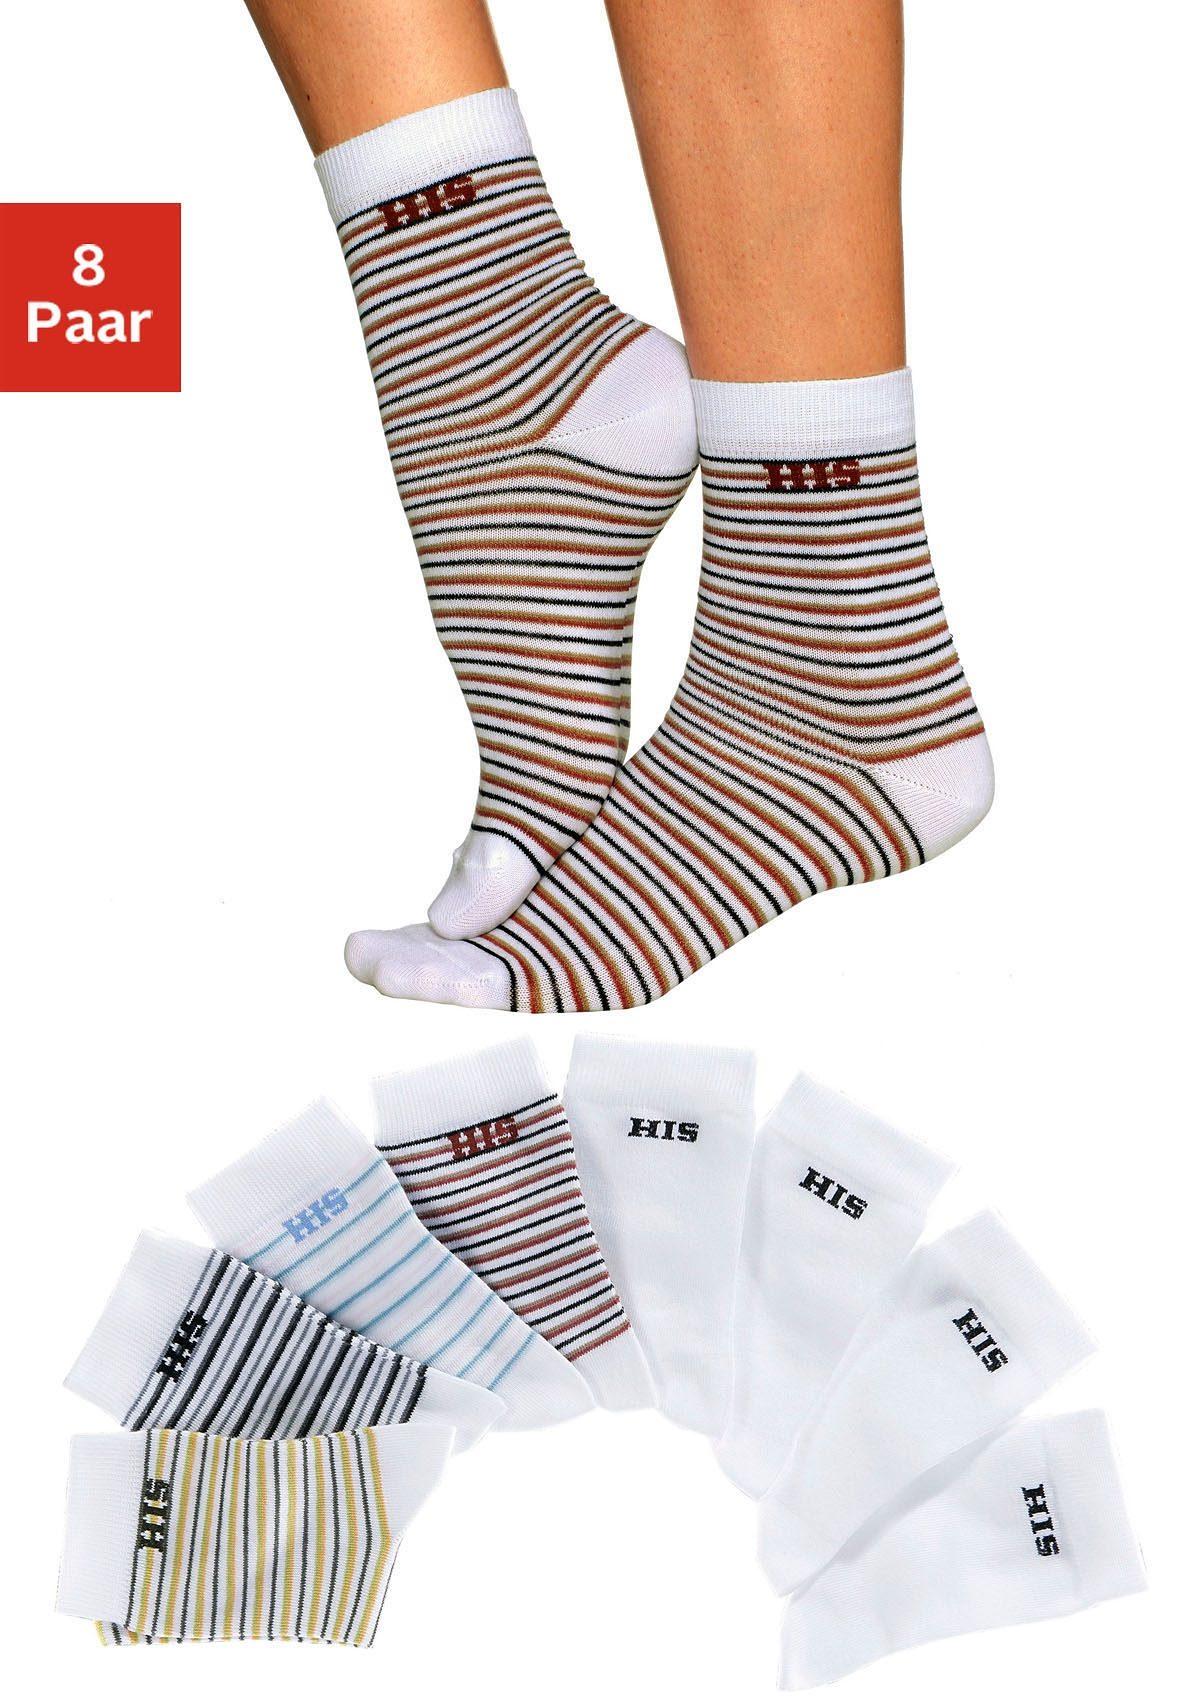 H.I.S Socken (8 Paar) geringelt und uni